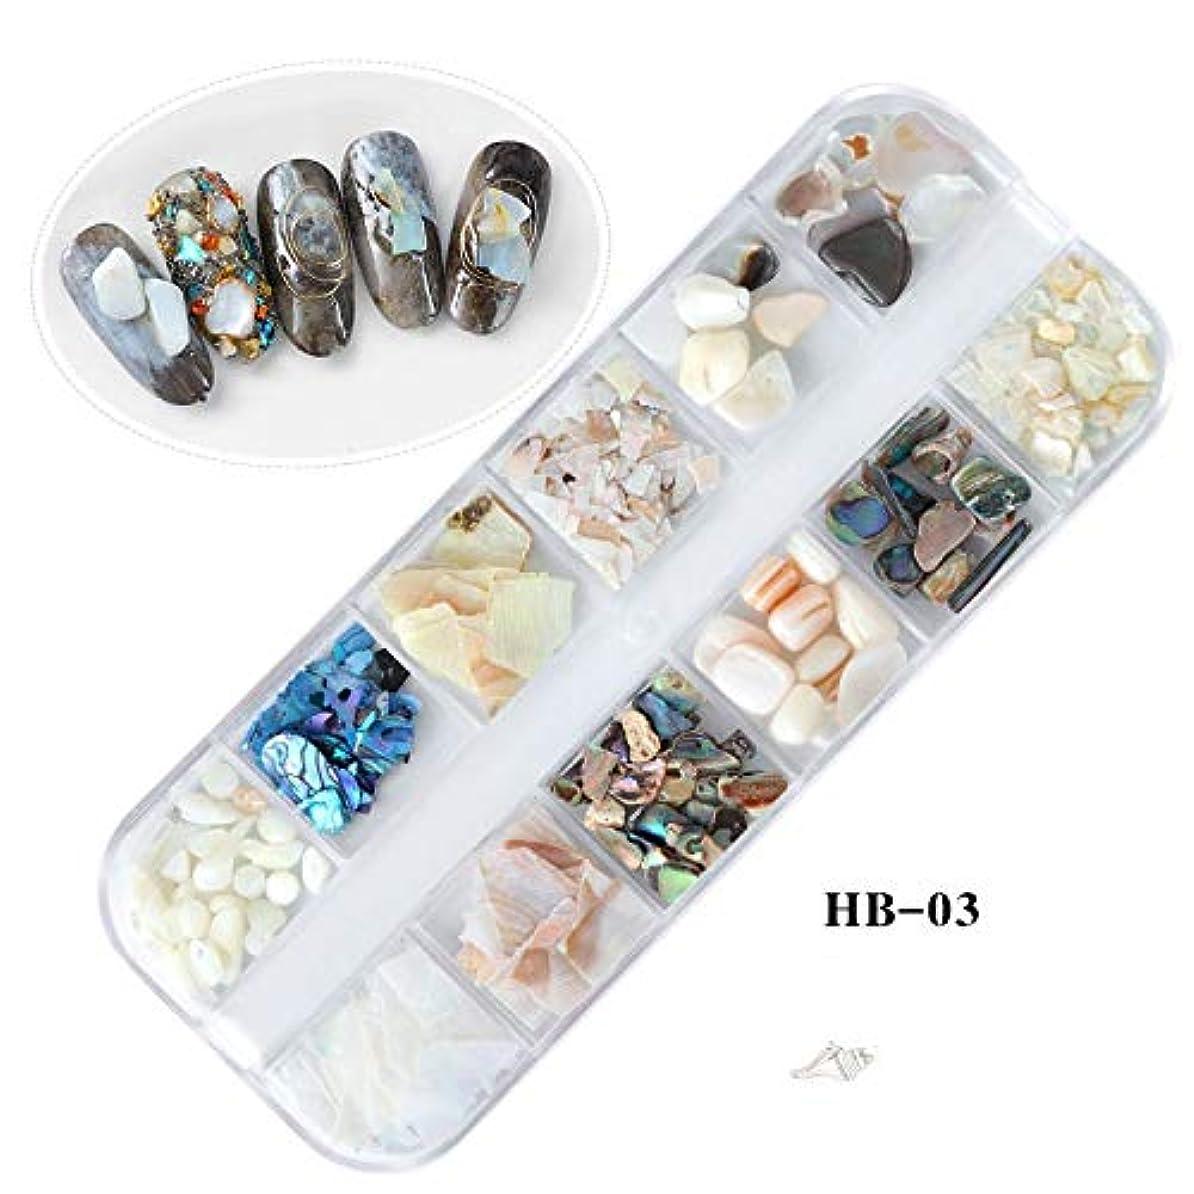 競う大学生寄付するTianmey 天然貝殻3DチャームネイルアートデコレーションスライスDIYビューティーサロンオーシャンネイルアートパウダーマニキュアデカールツール (Color : HB03)